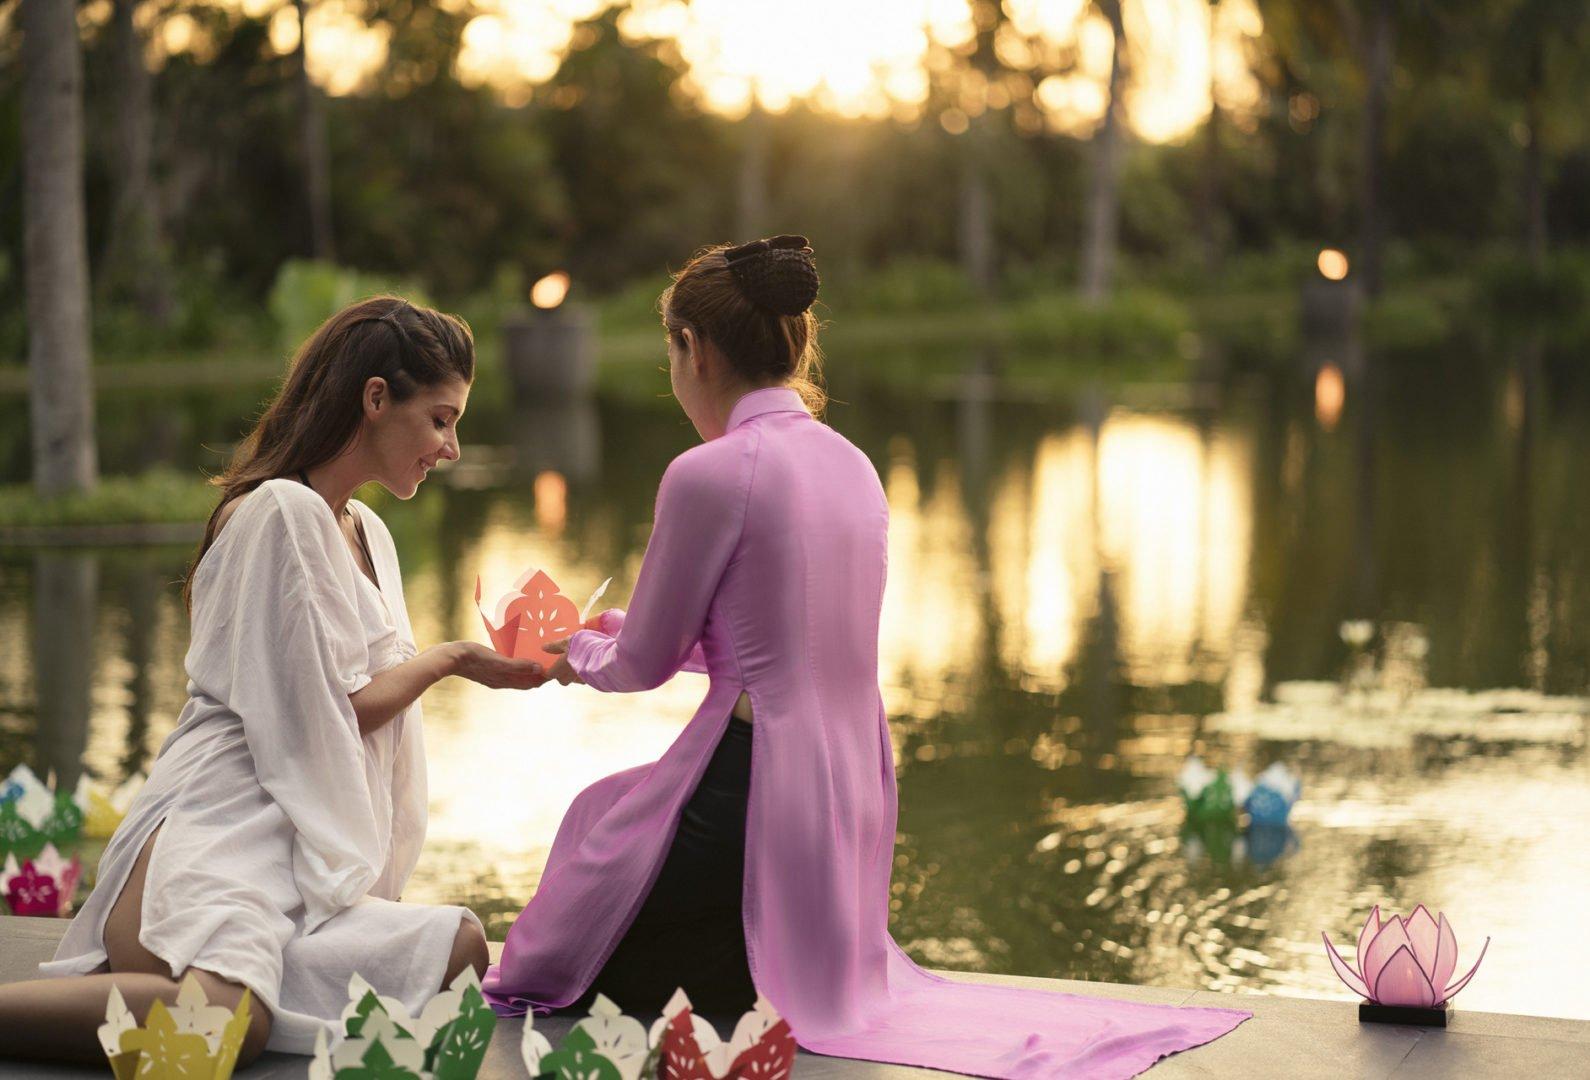 Good night kiss ritual at the spa